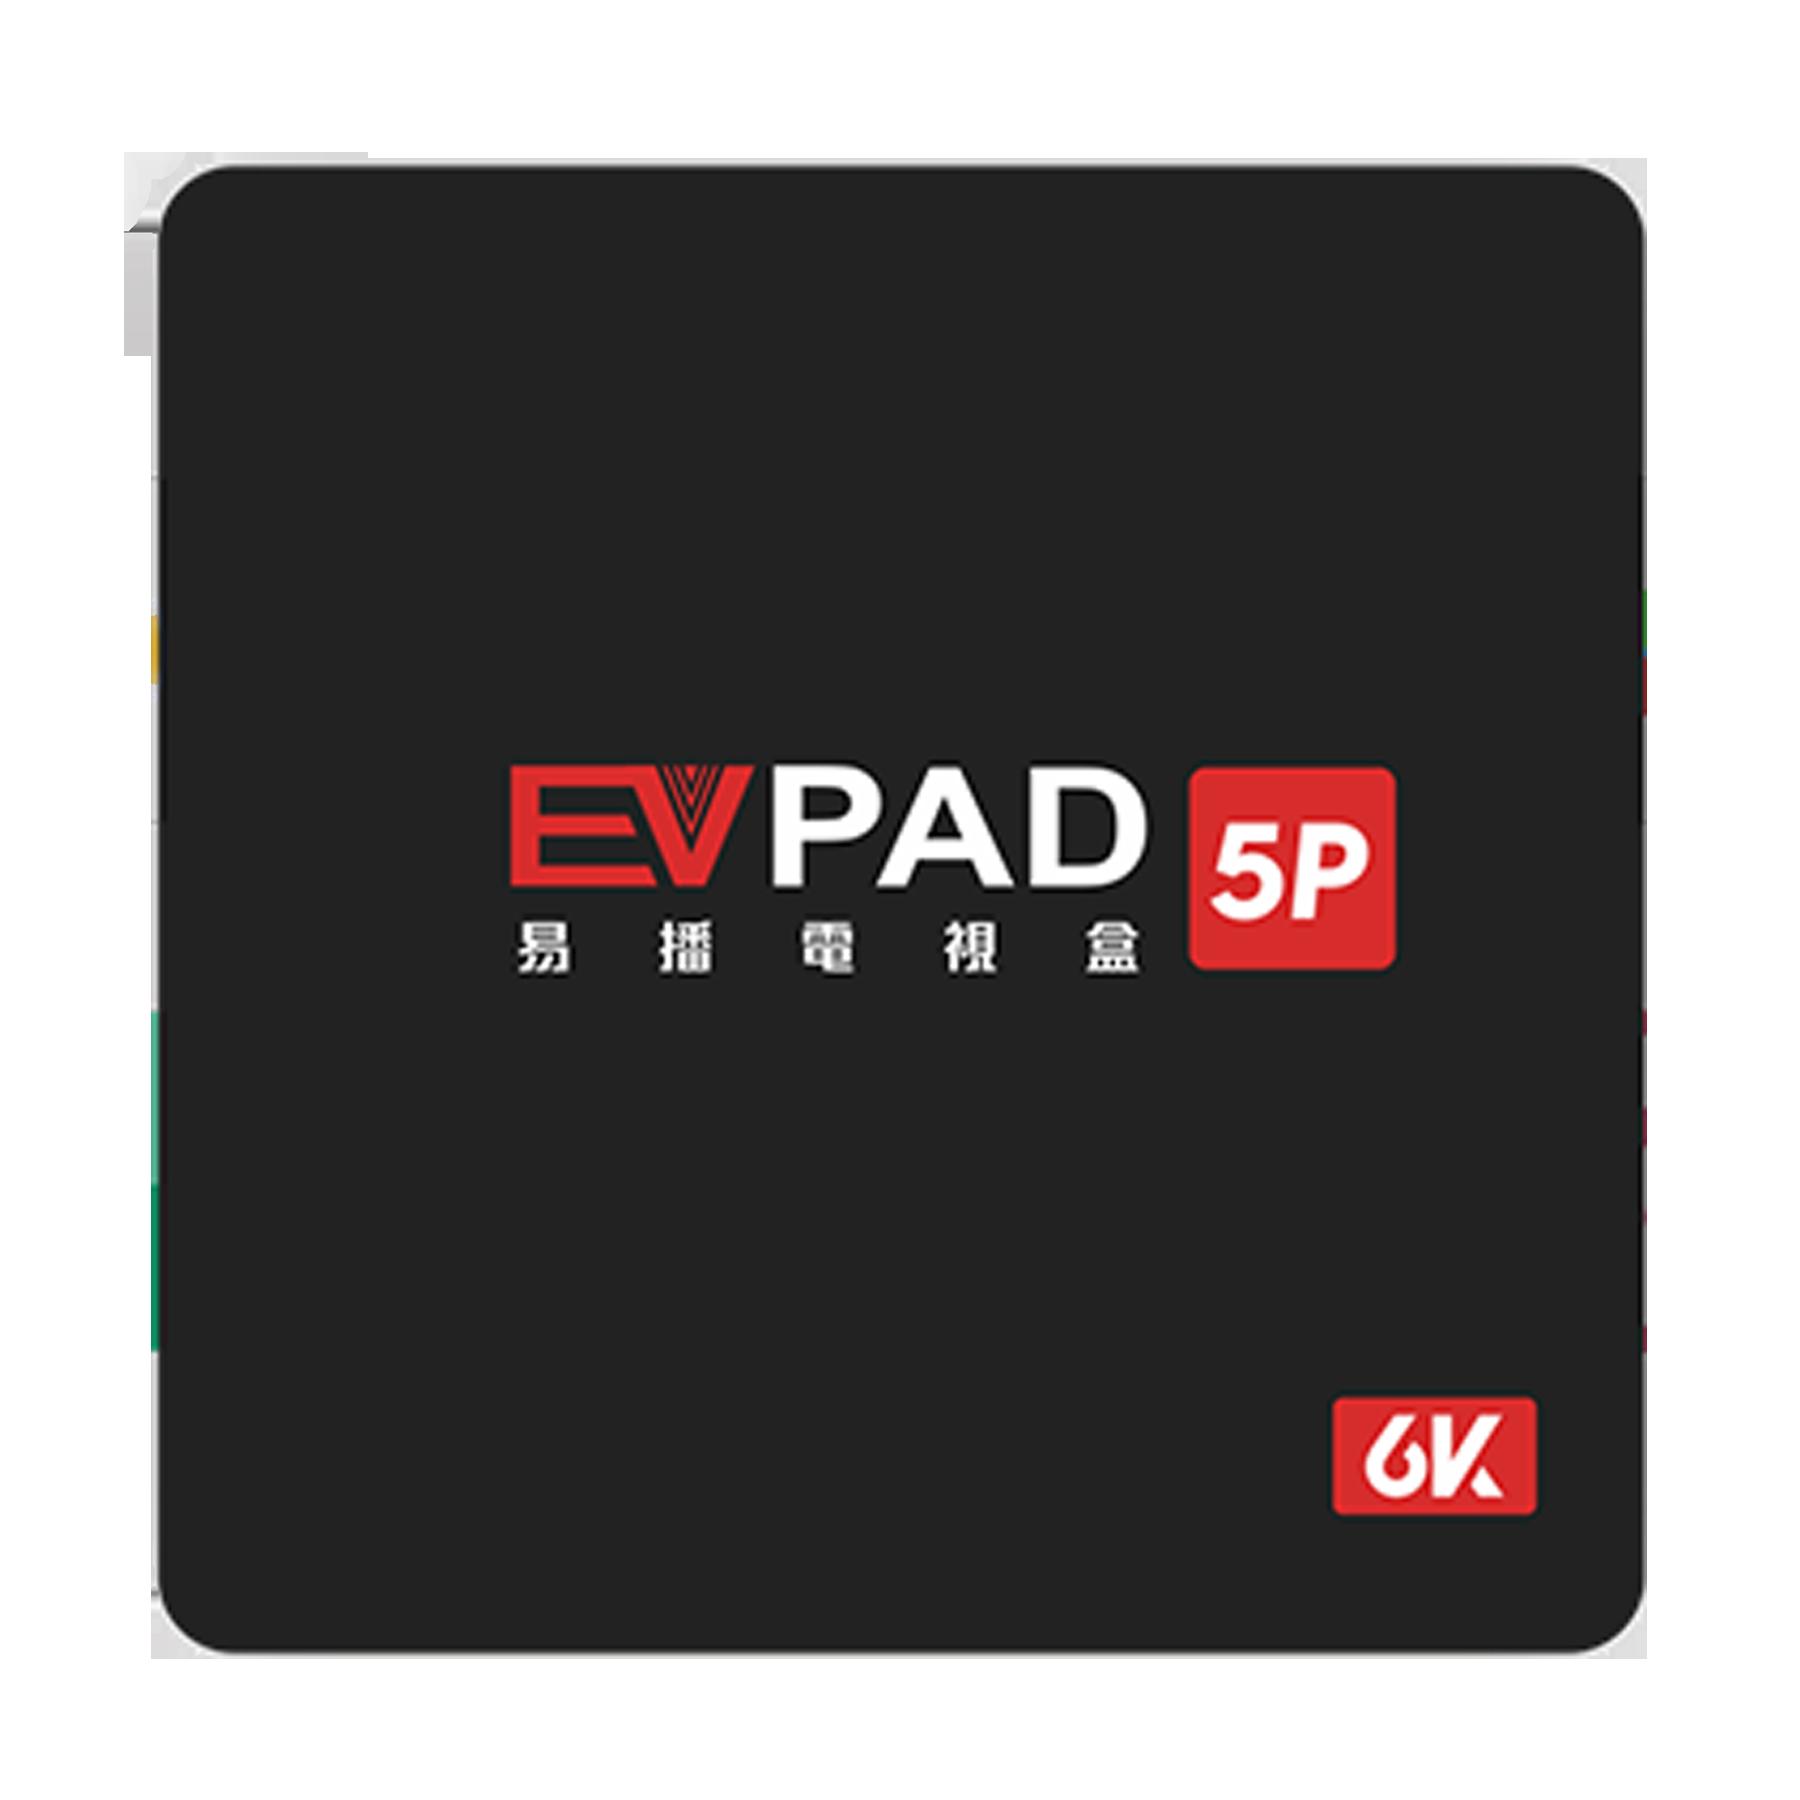 EVPAD 5P